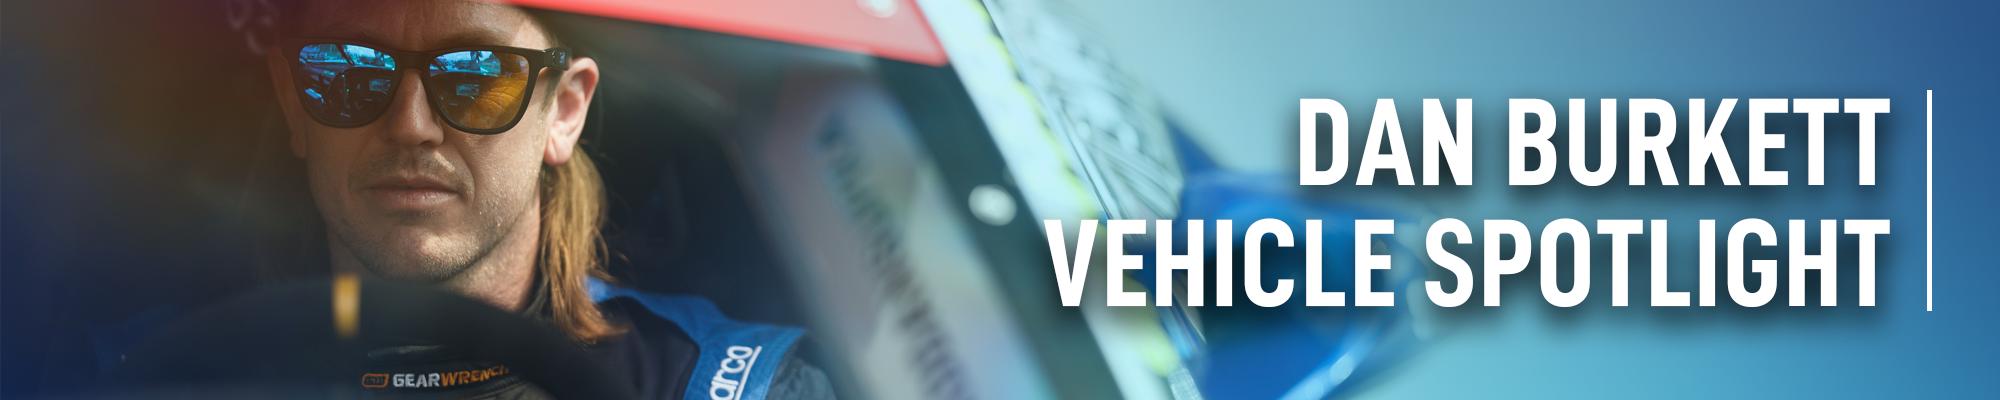 Formula Drift: Dan Burkett Vehicle Spotlight